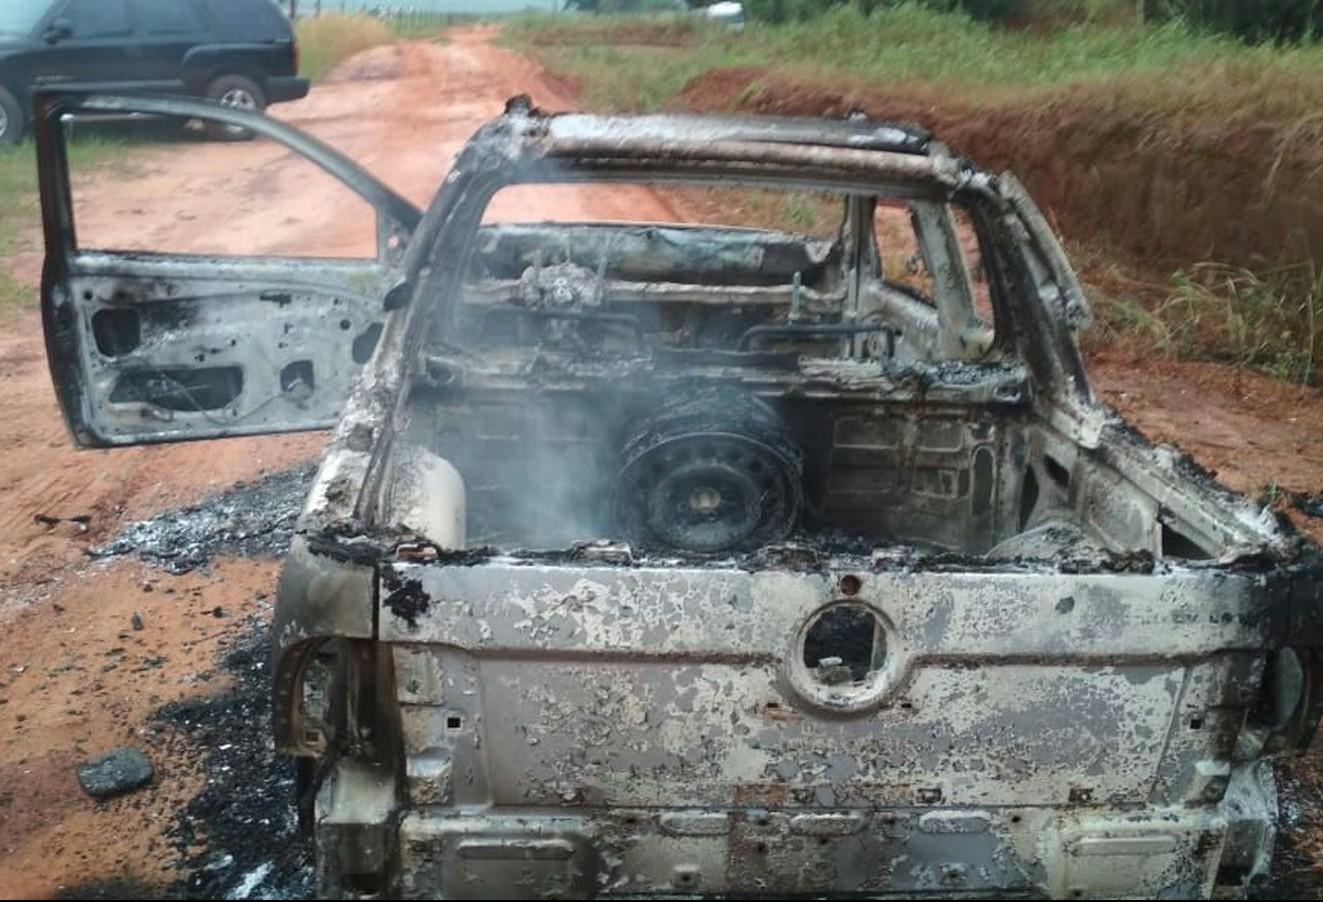 Caminhonete é encontrada incendiada em Altônia com dois corpos carbonizados